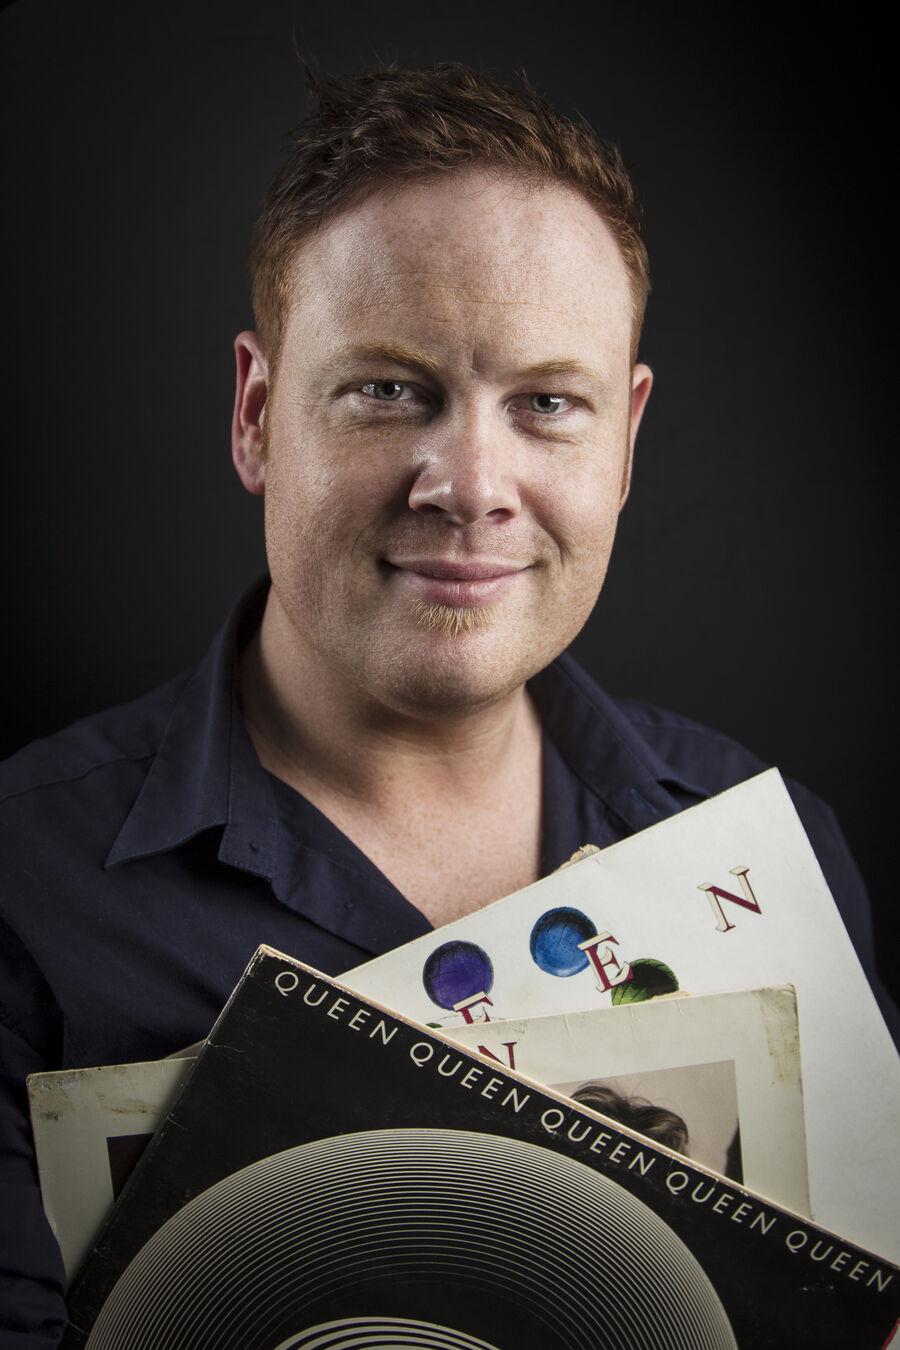 Queen-specialist og journalist Morten Nielsen